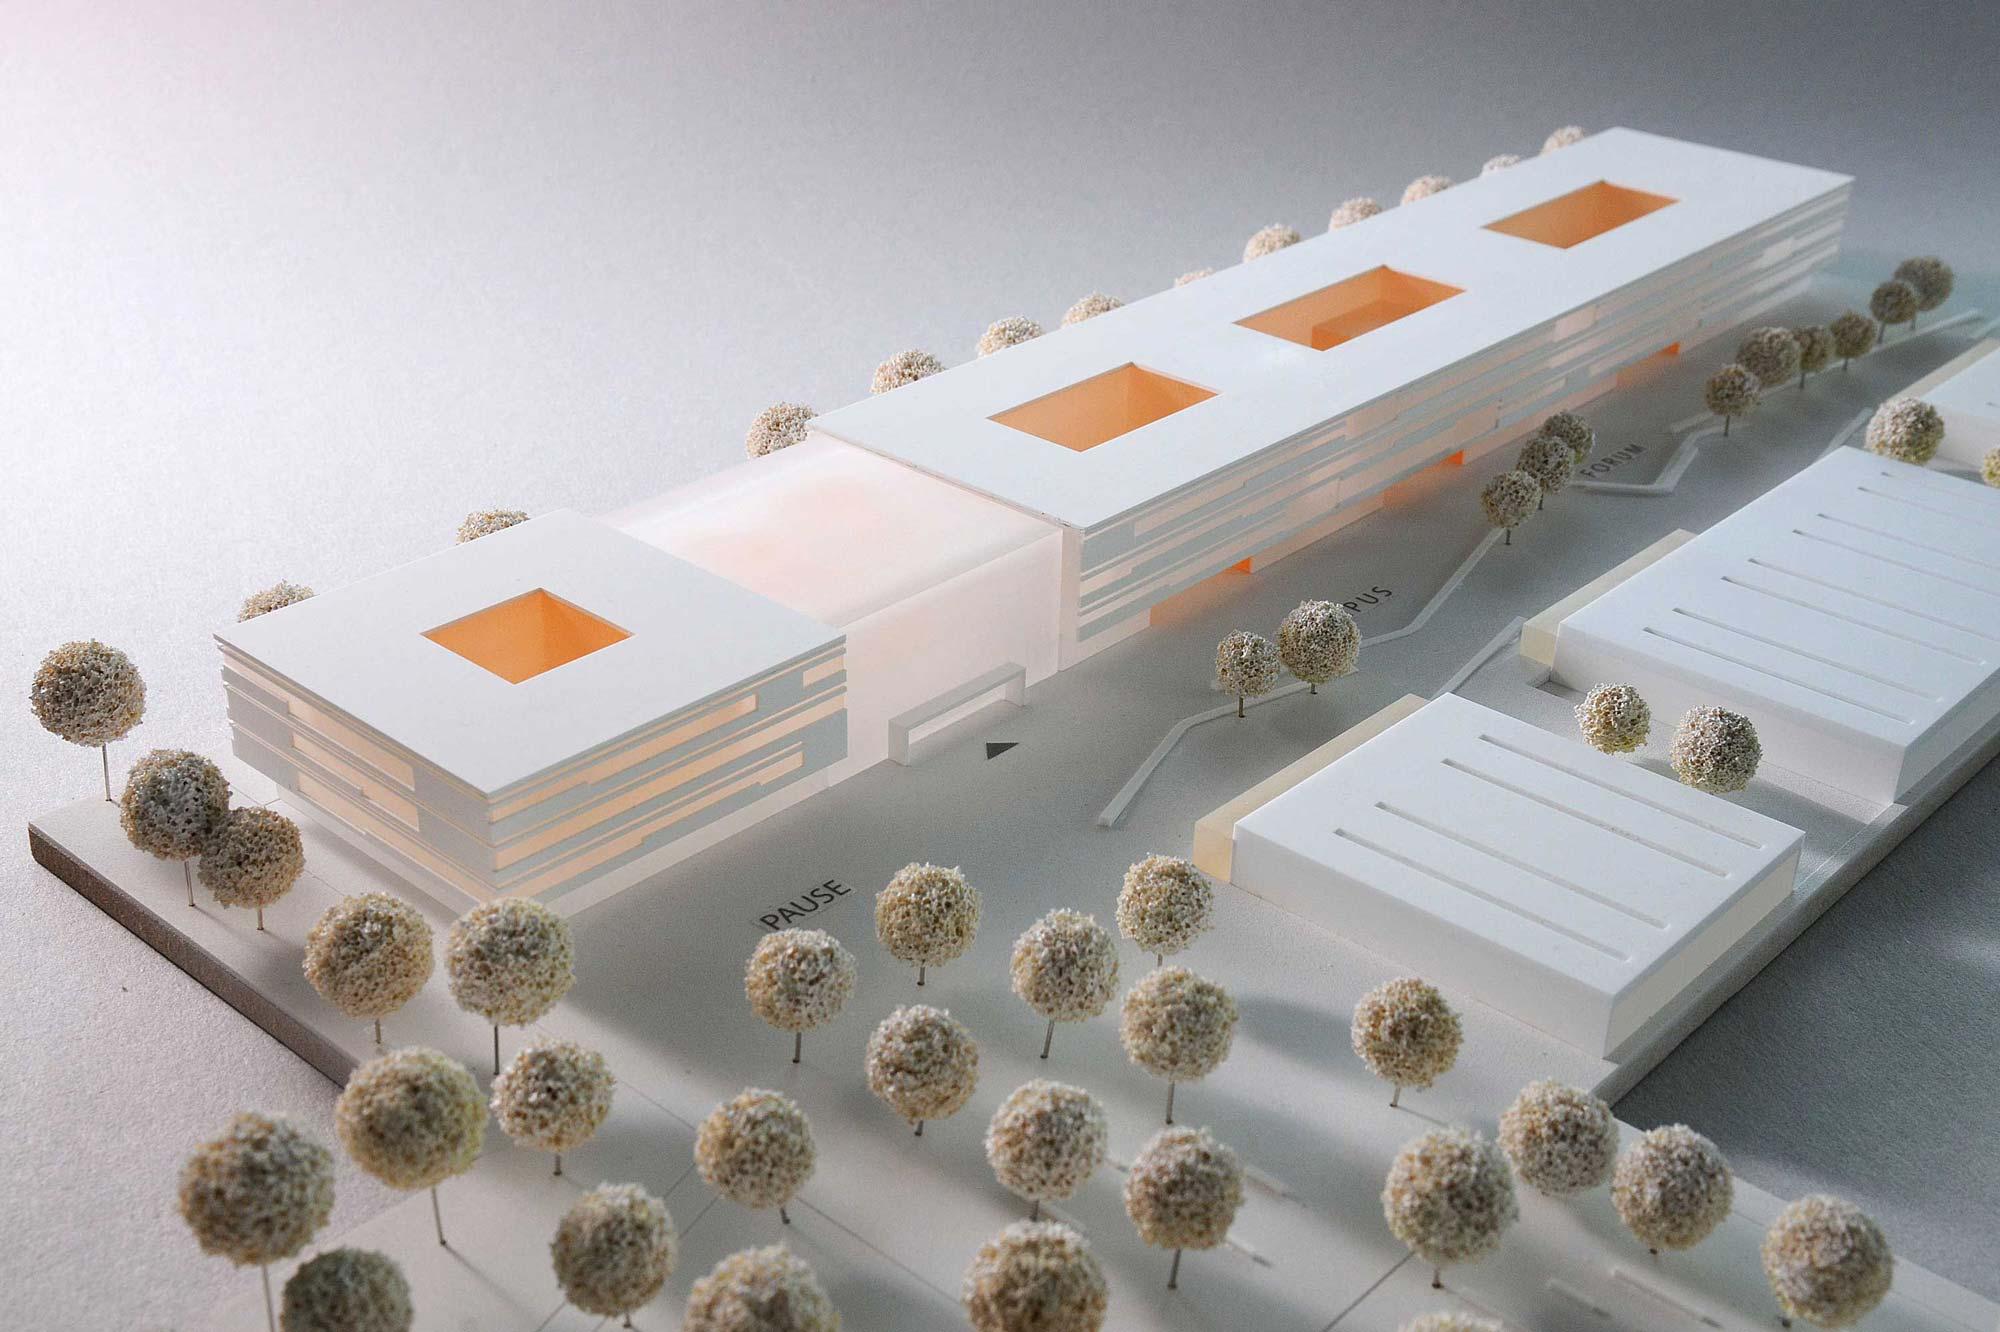 Schrägsicht auf Wettbewerbsmodell Acryl zum Neuen Schulcampus in Nürnberg